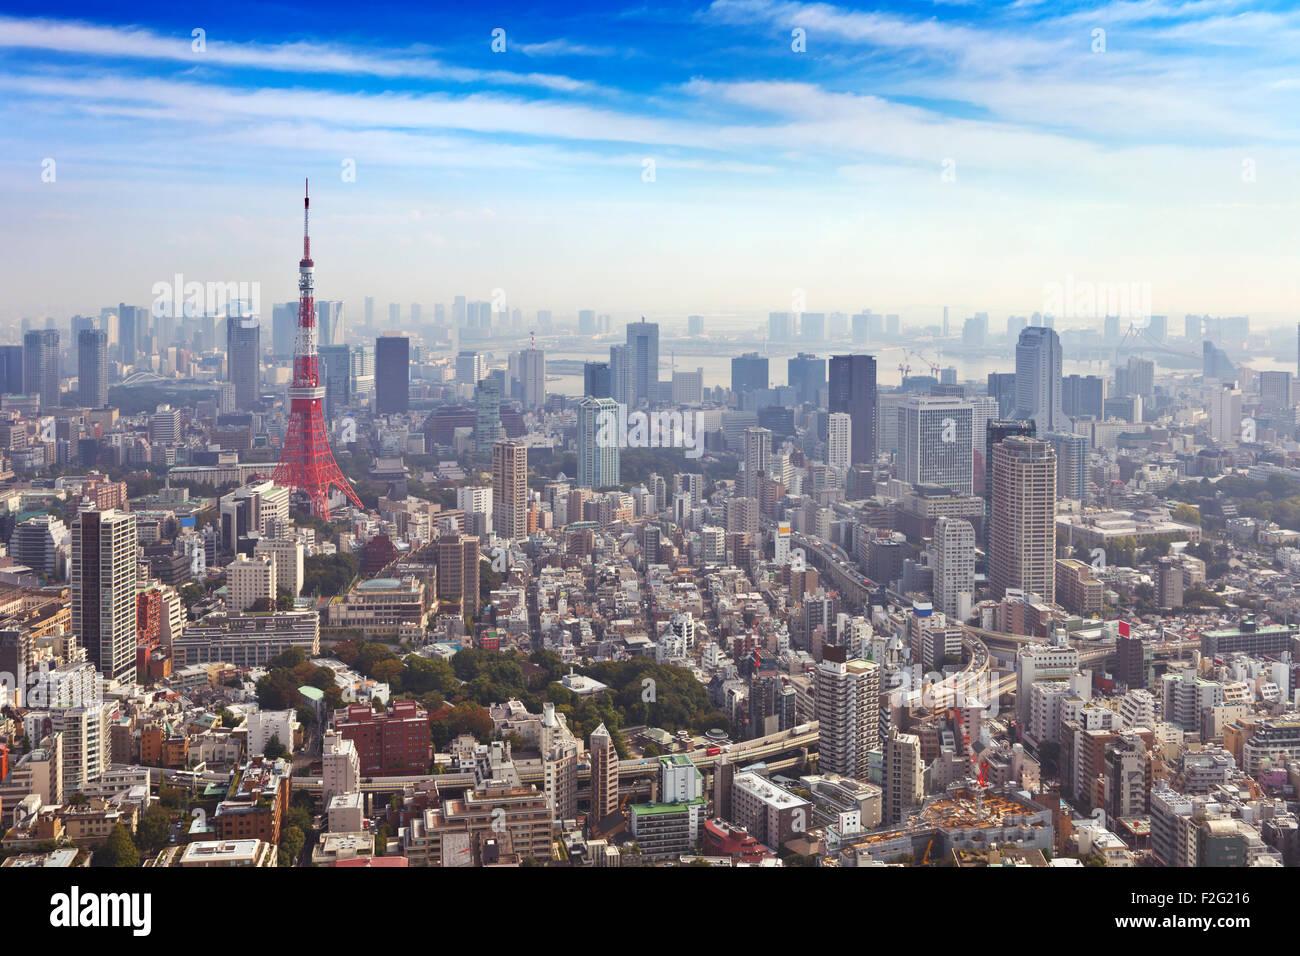 L'horizon de Tokyo, au Japon avec la Tour de Tokyo photographié d'en haut. Photo Stock